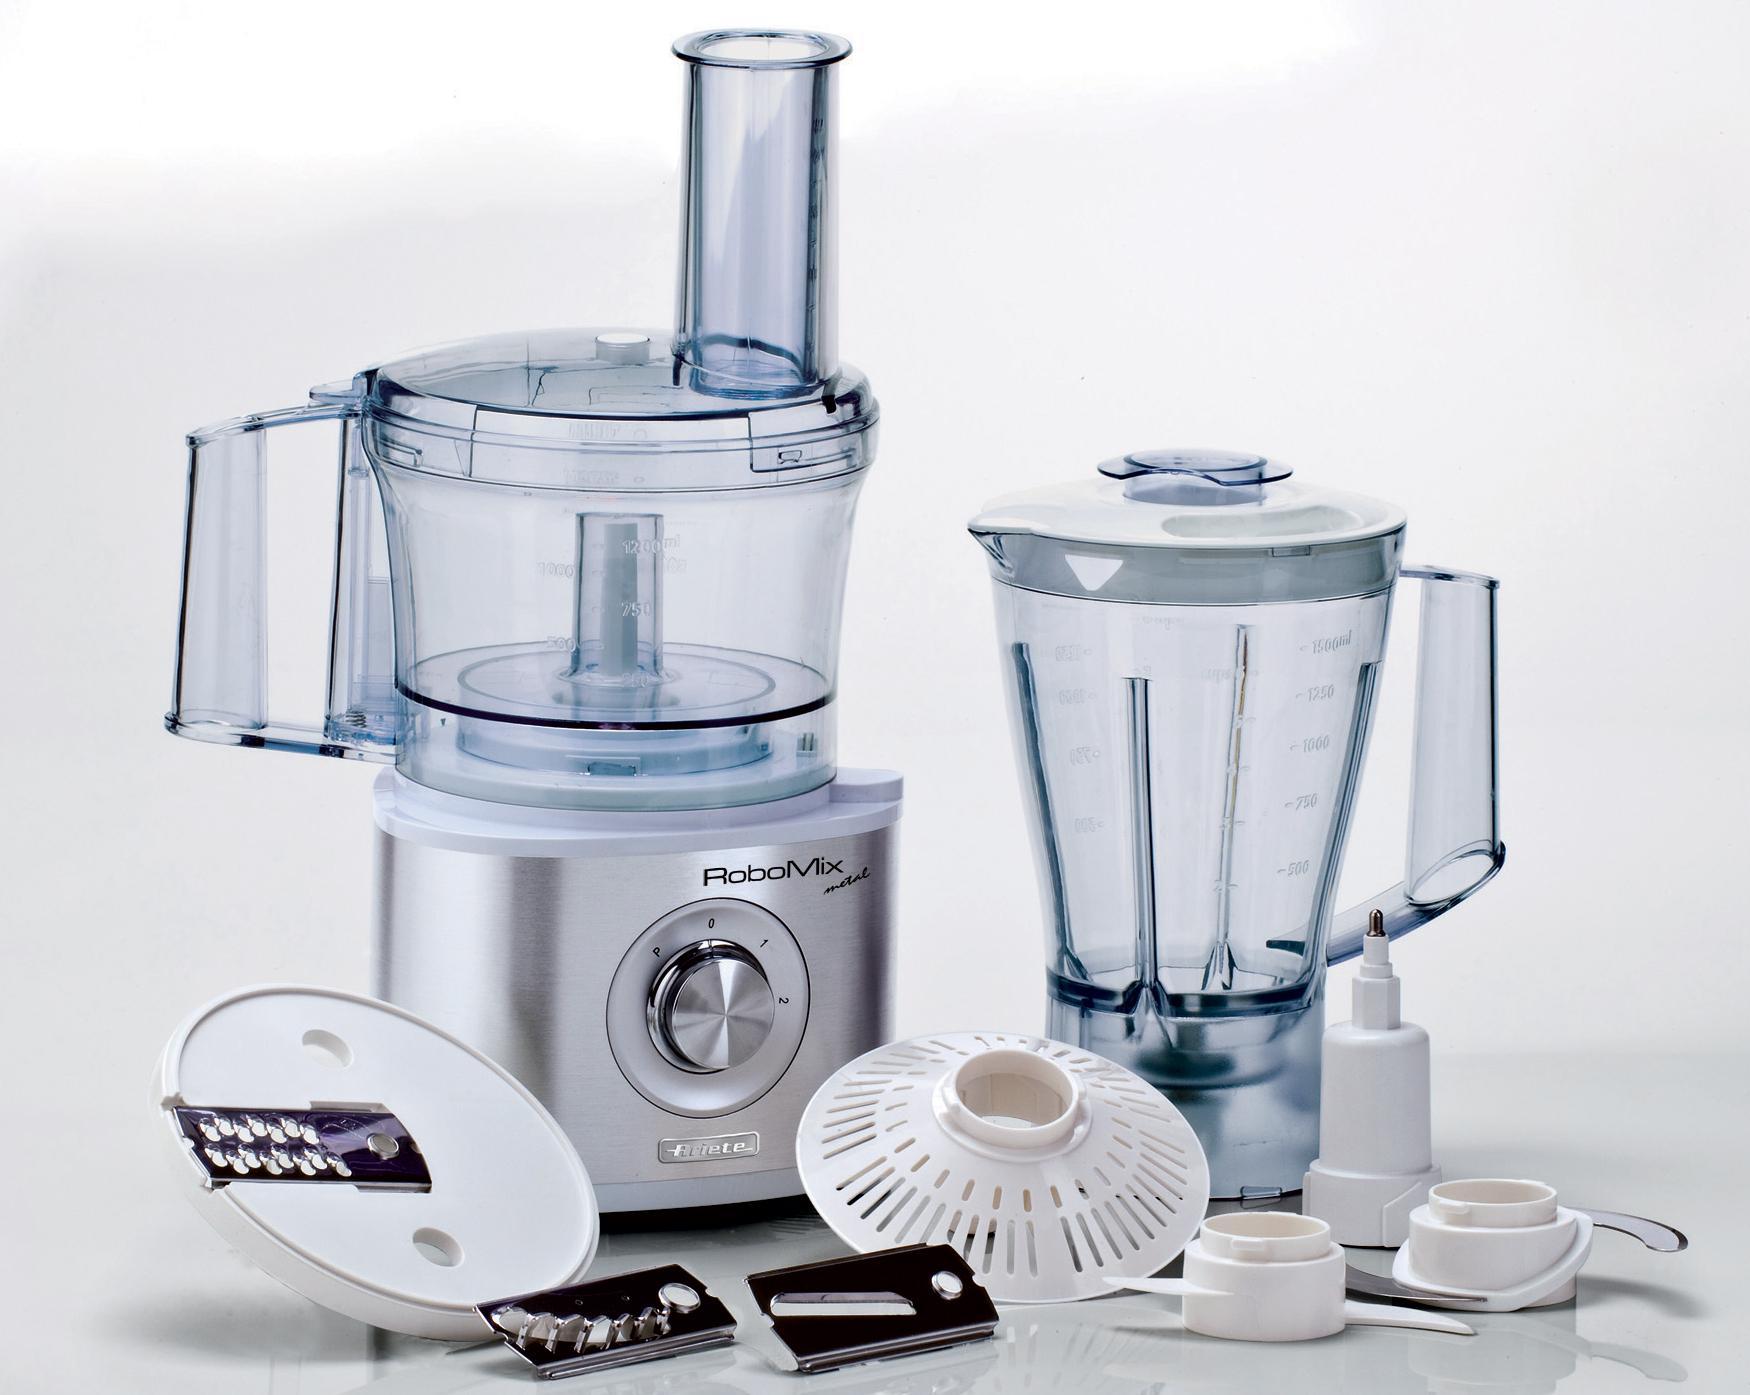 Ariete piccoli elettrodomestici - Robot da cucina ariete ...